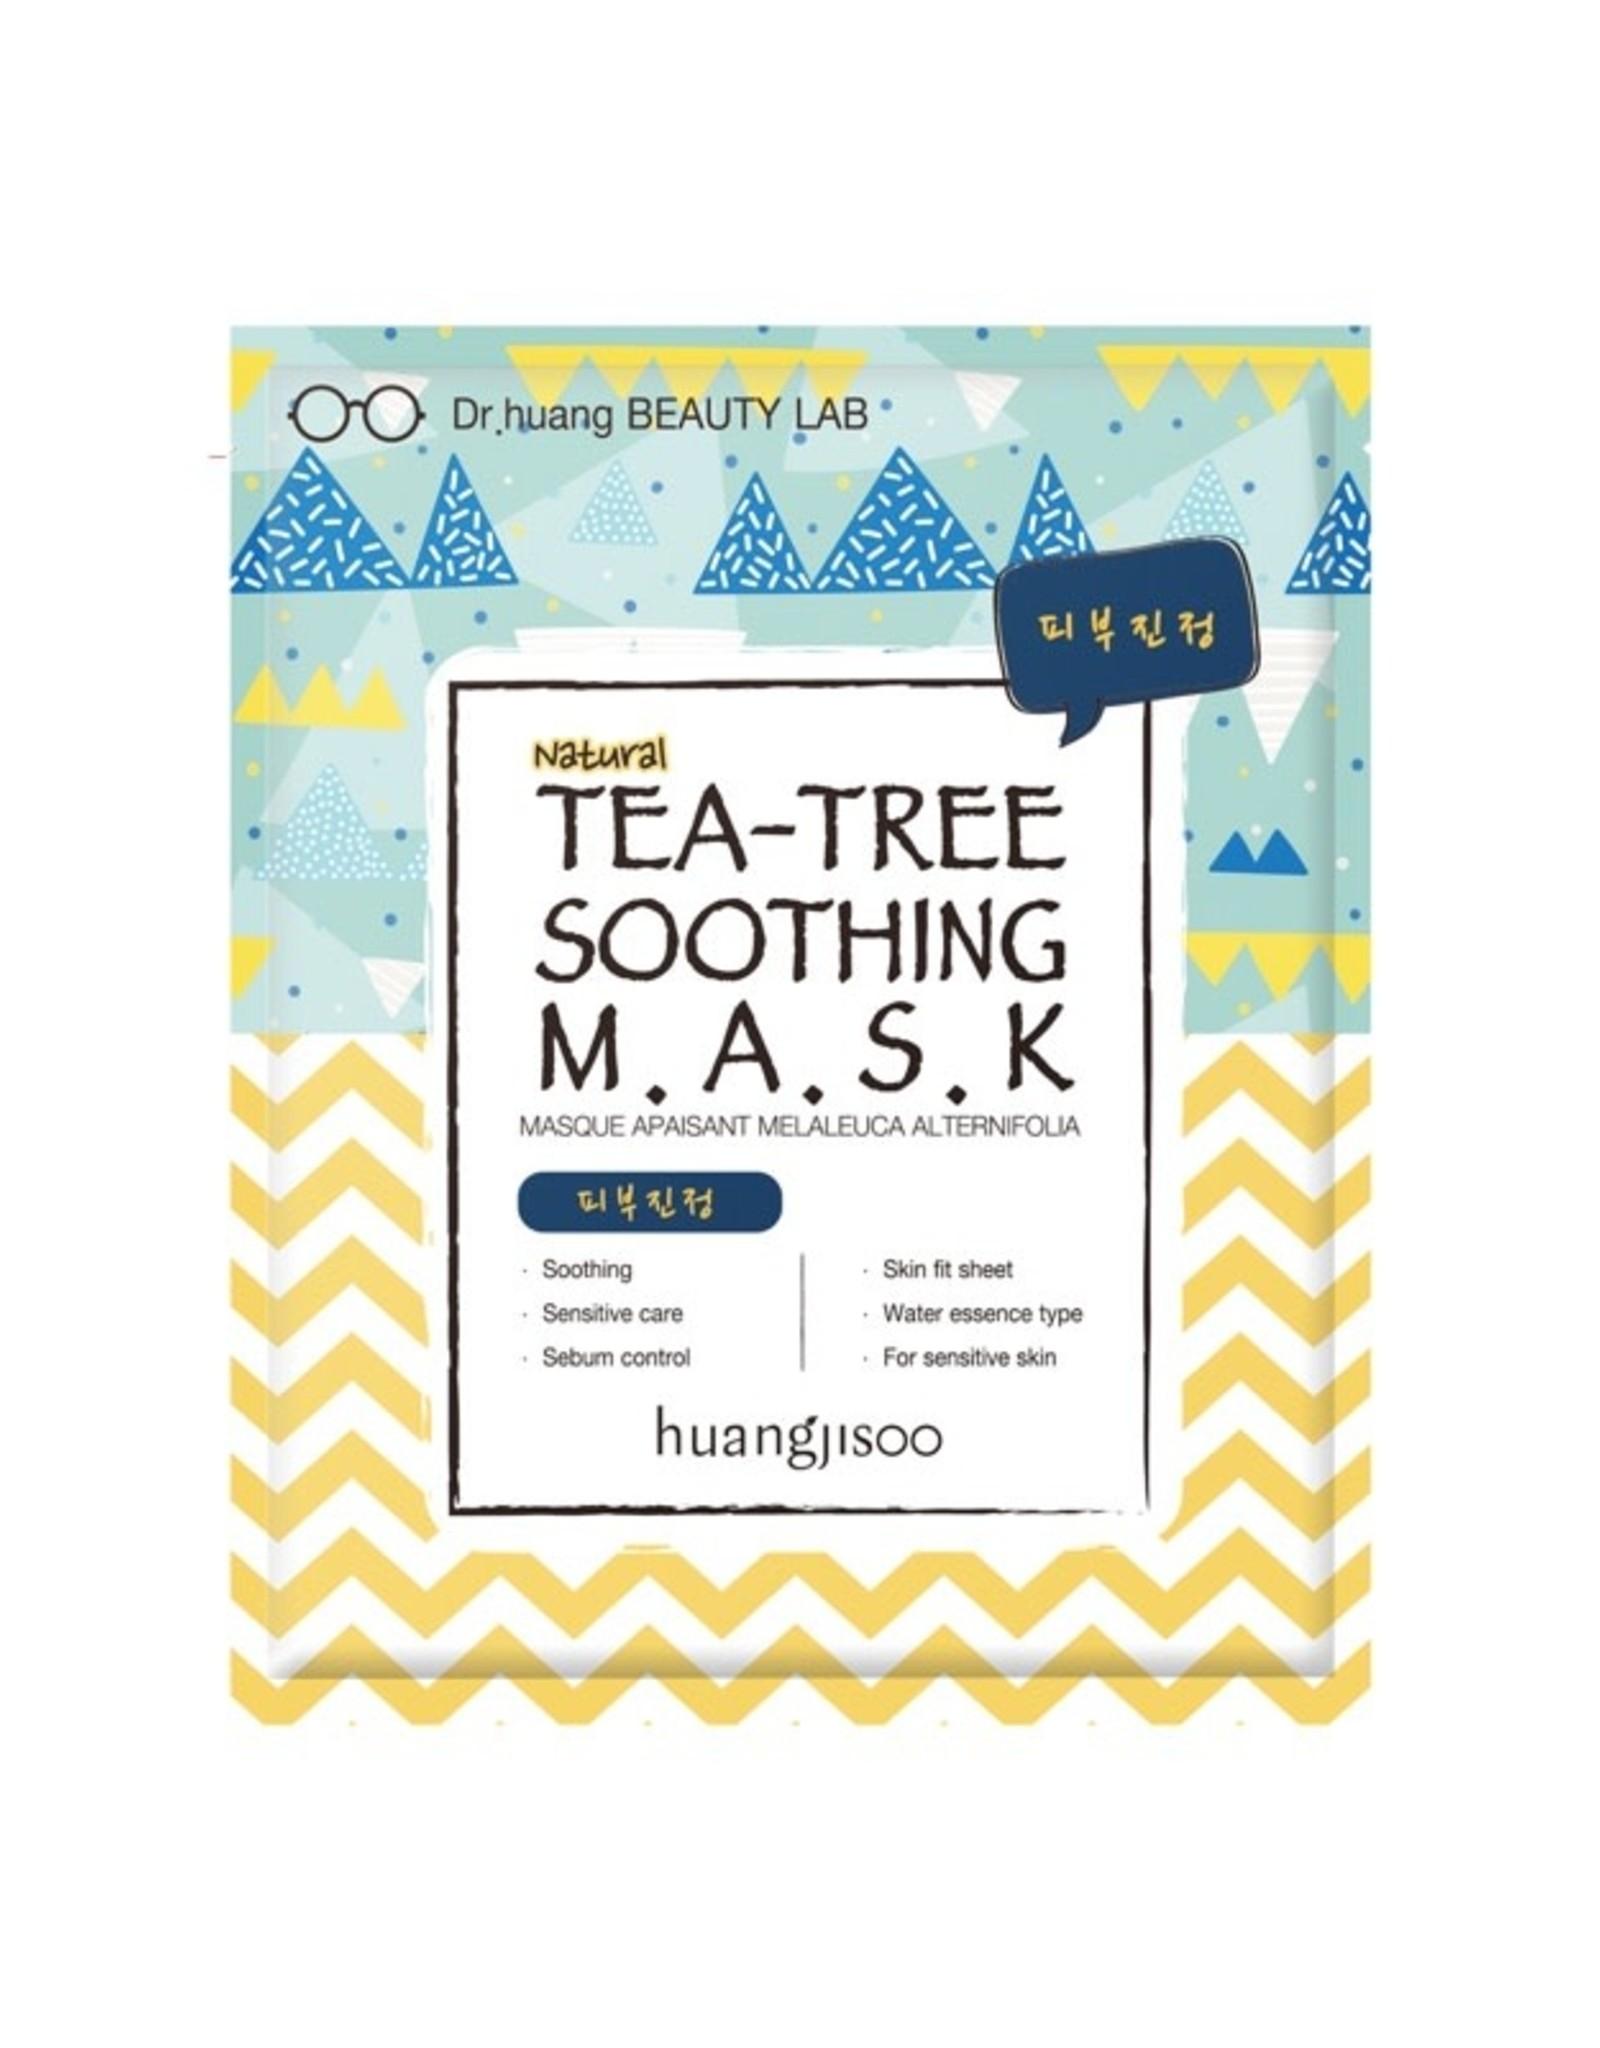 Huangjisoo Huangjisoo Tea Tree Soothing Face Mask 1 stuk